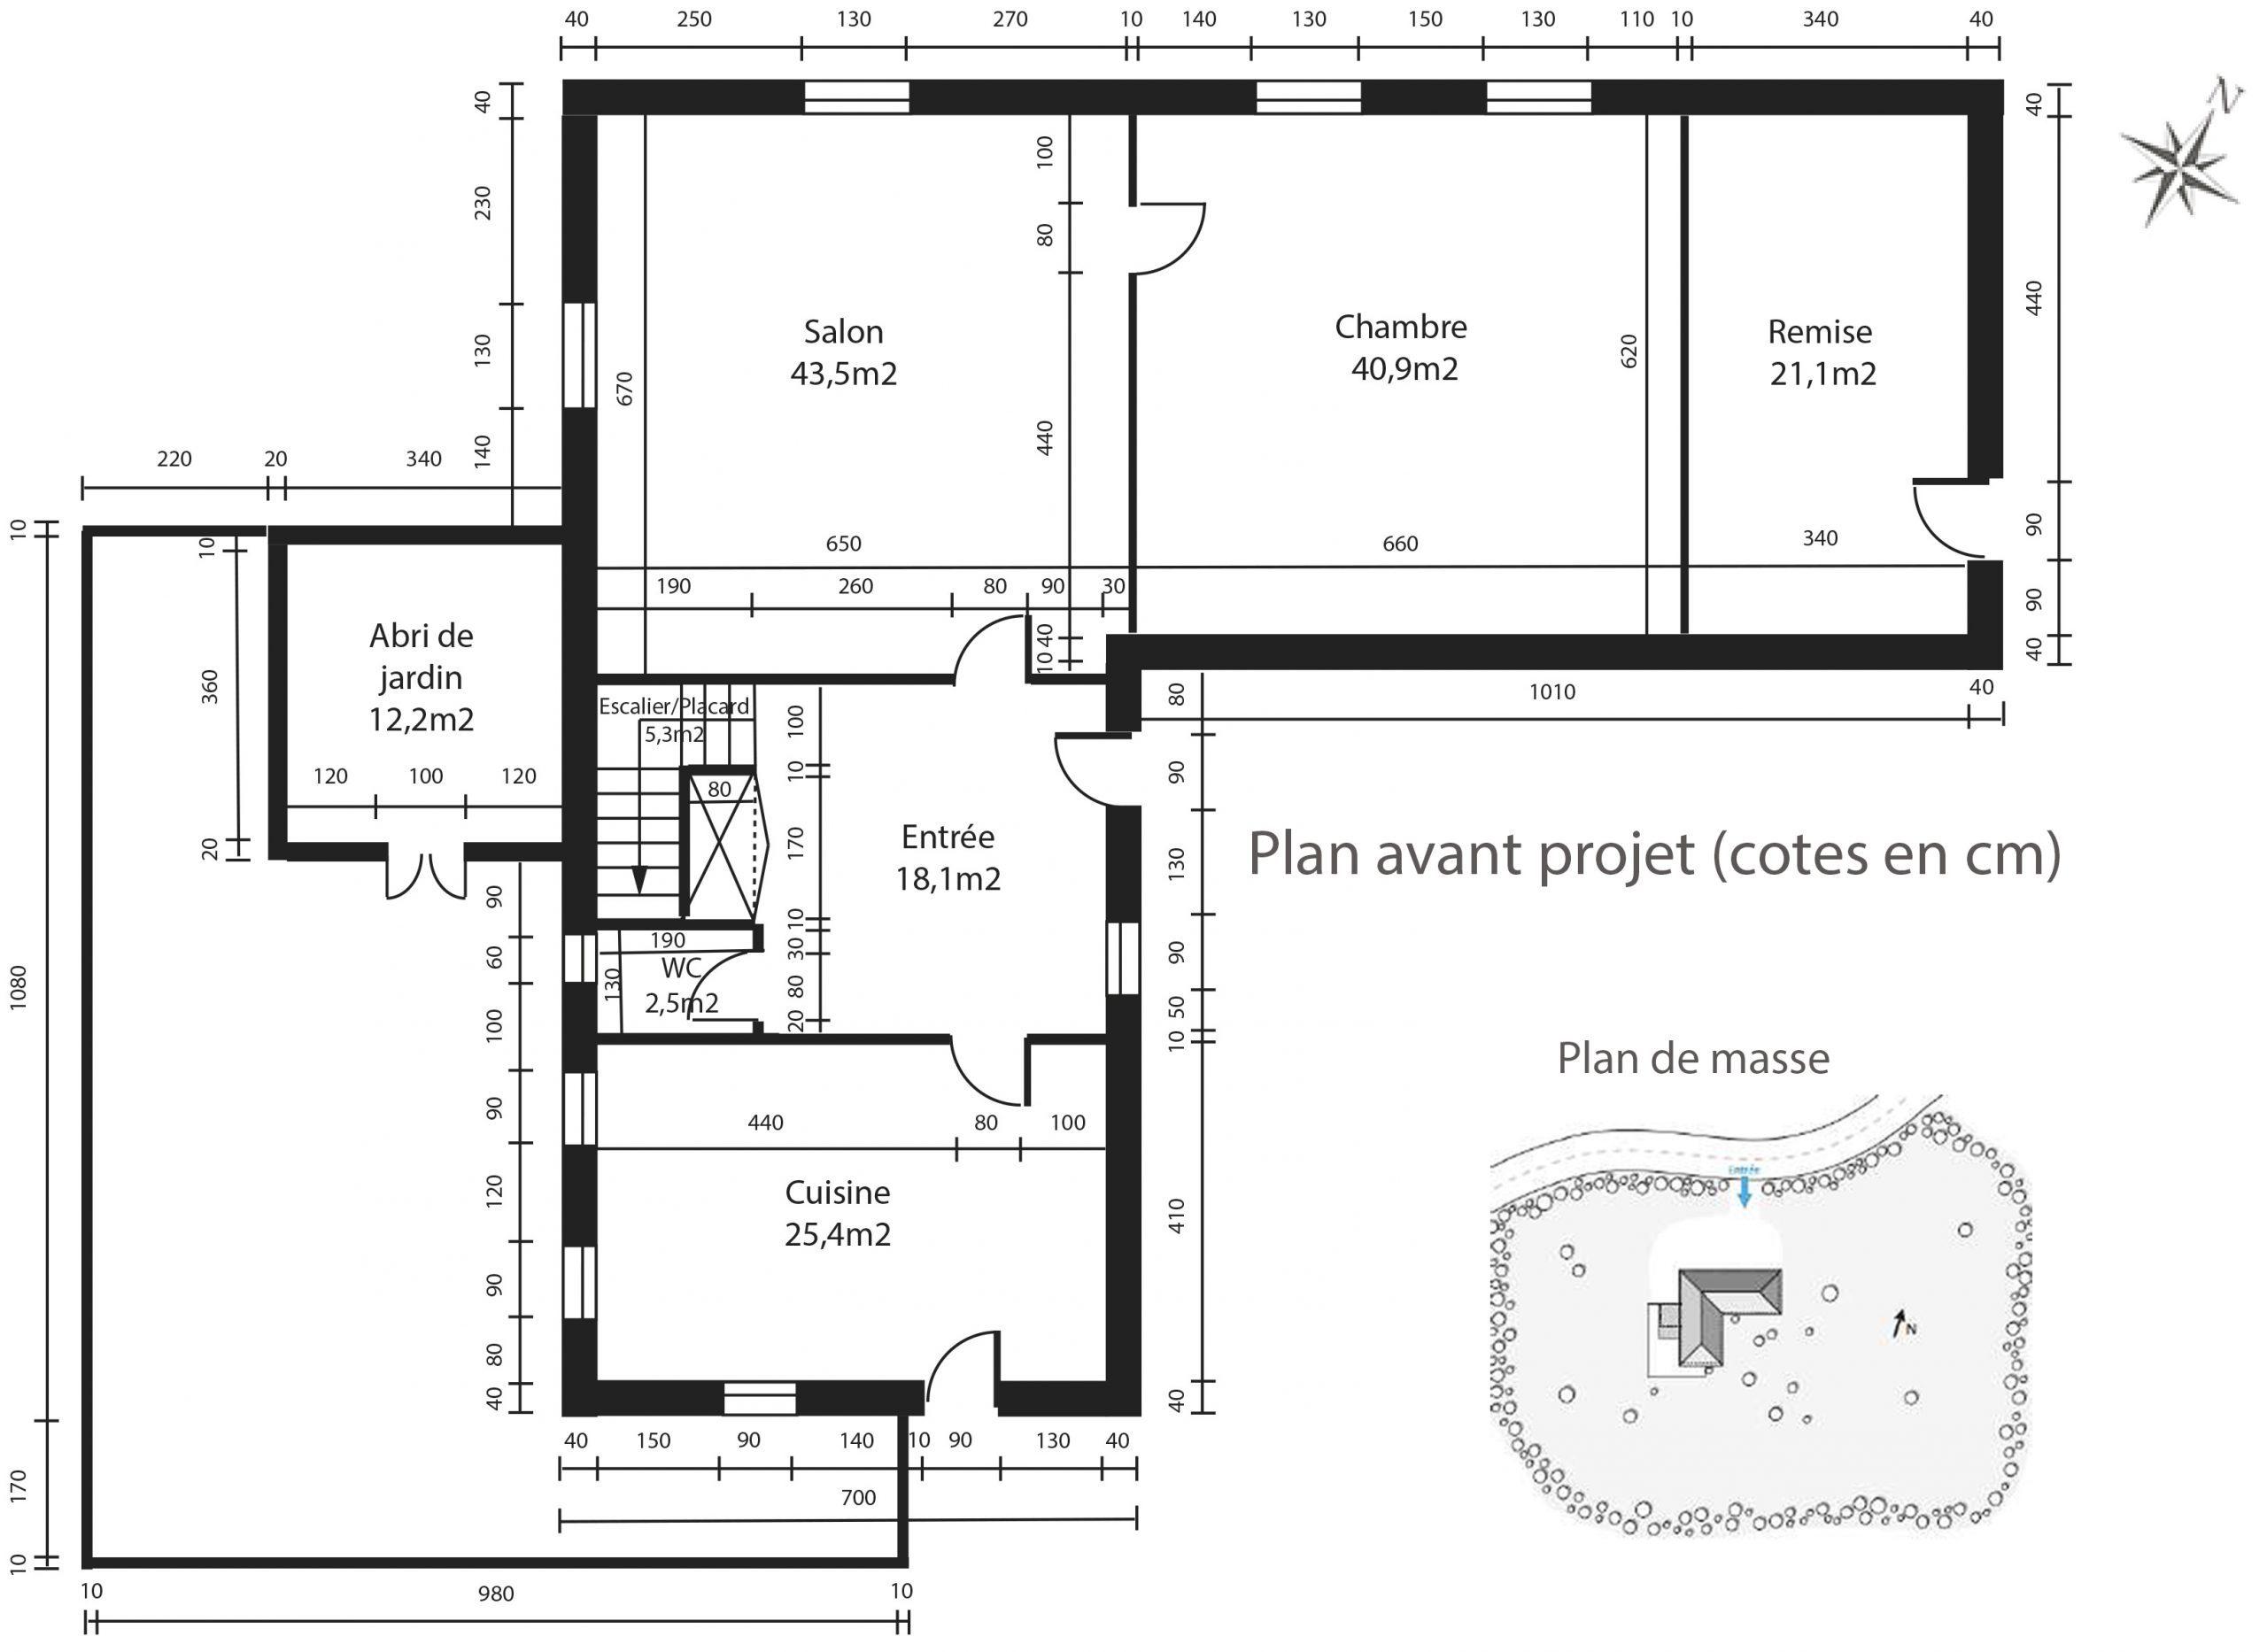 amenagement-decoration-maison de famille-campagne-provence-plan avant projet-dekho design